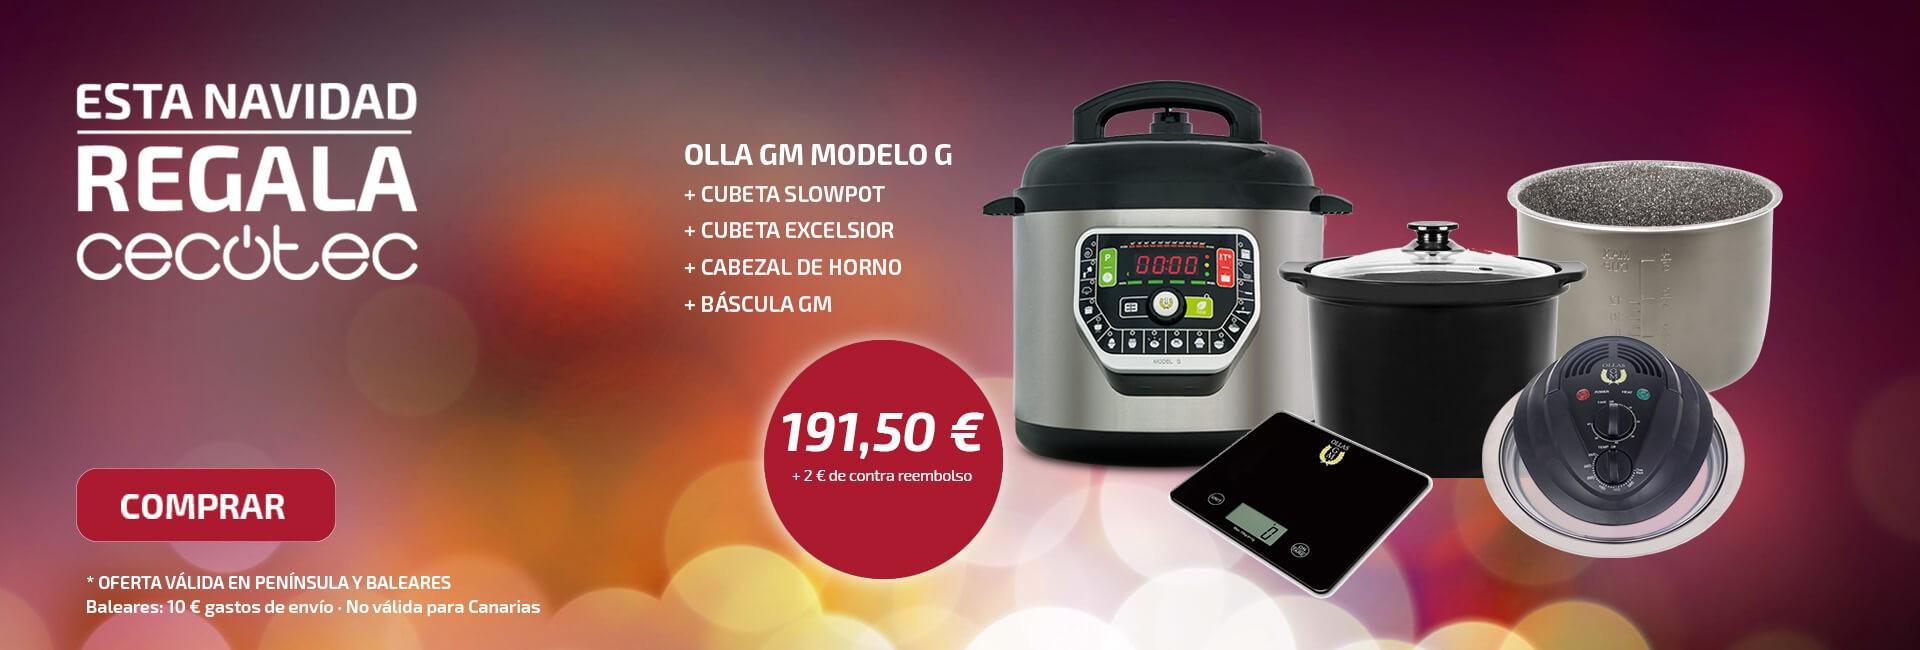 Promo Navidad olla GM modelo G + 2 cubeta Excelsior + cubeta Slowpot + Cabezal de horno + Báscula de cocina